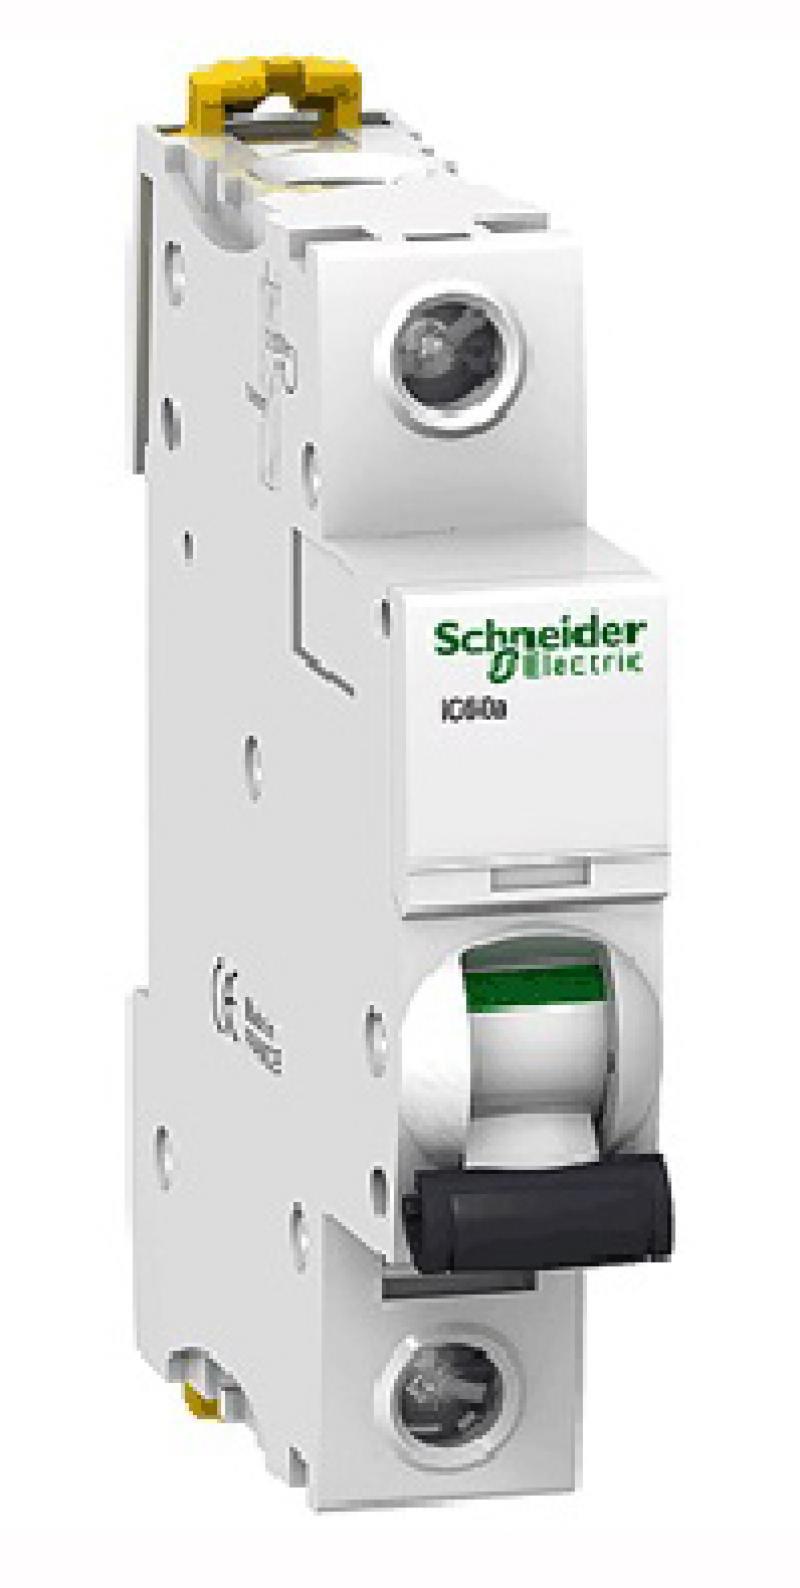 Автоматический выключатель Schneider Electric iC60N 1П 63A C A9F79163 автоматический выключатель schneider electric ic60n 1п 32a c a9f79132